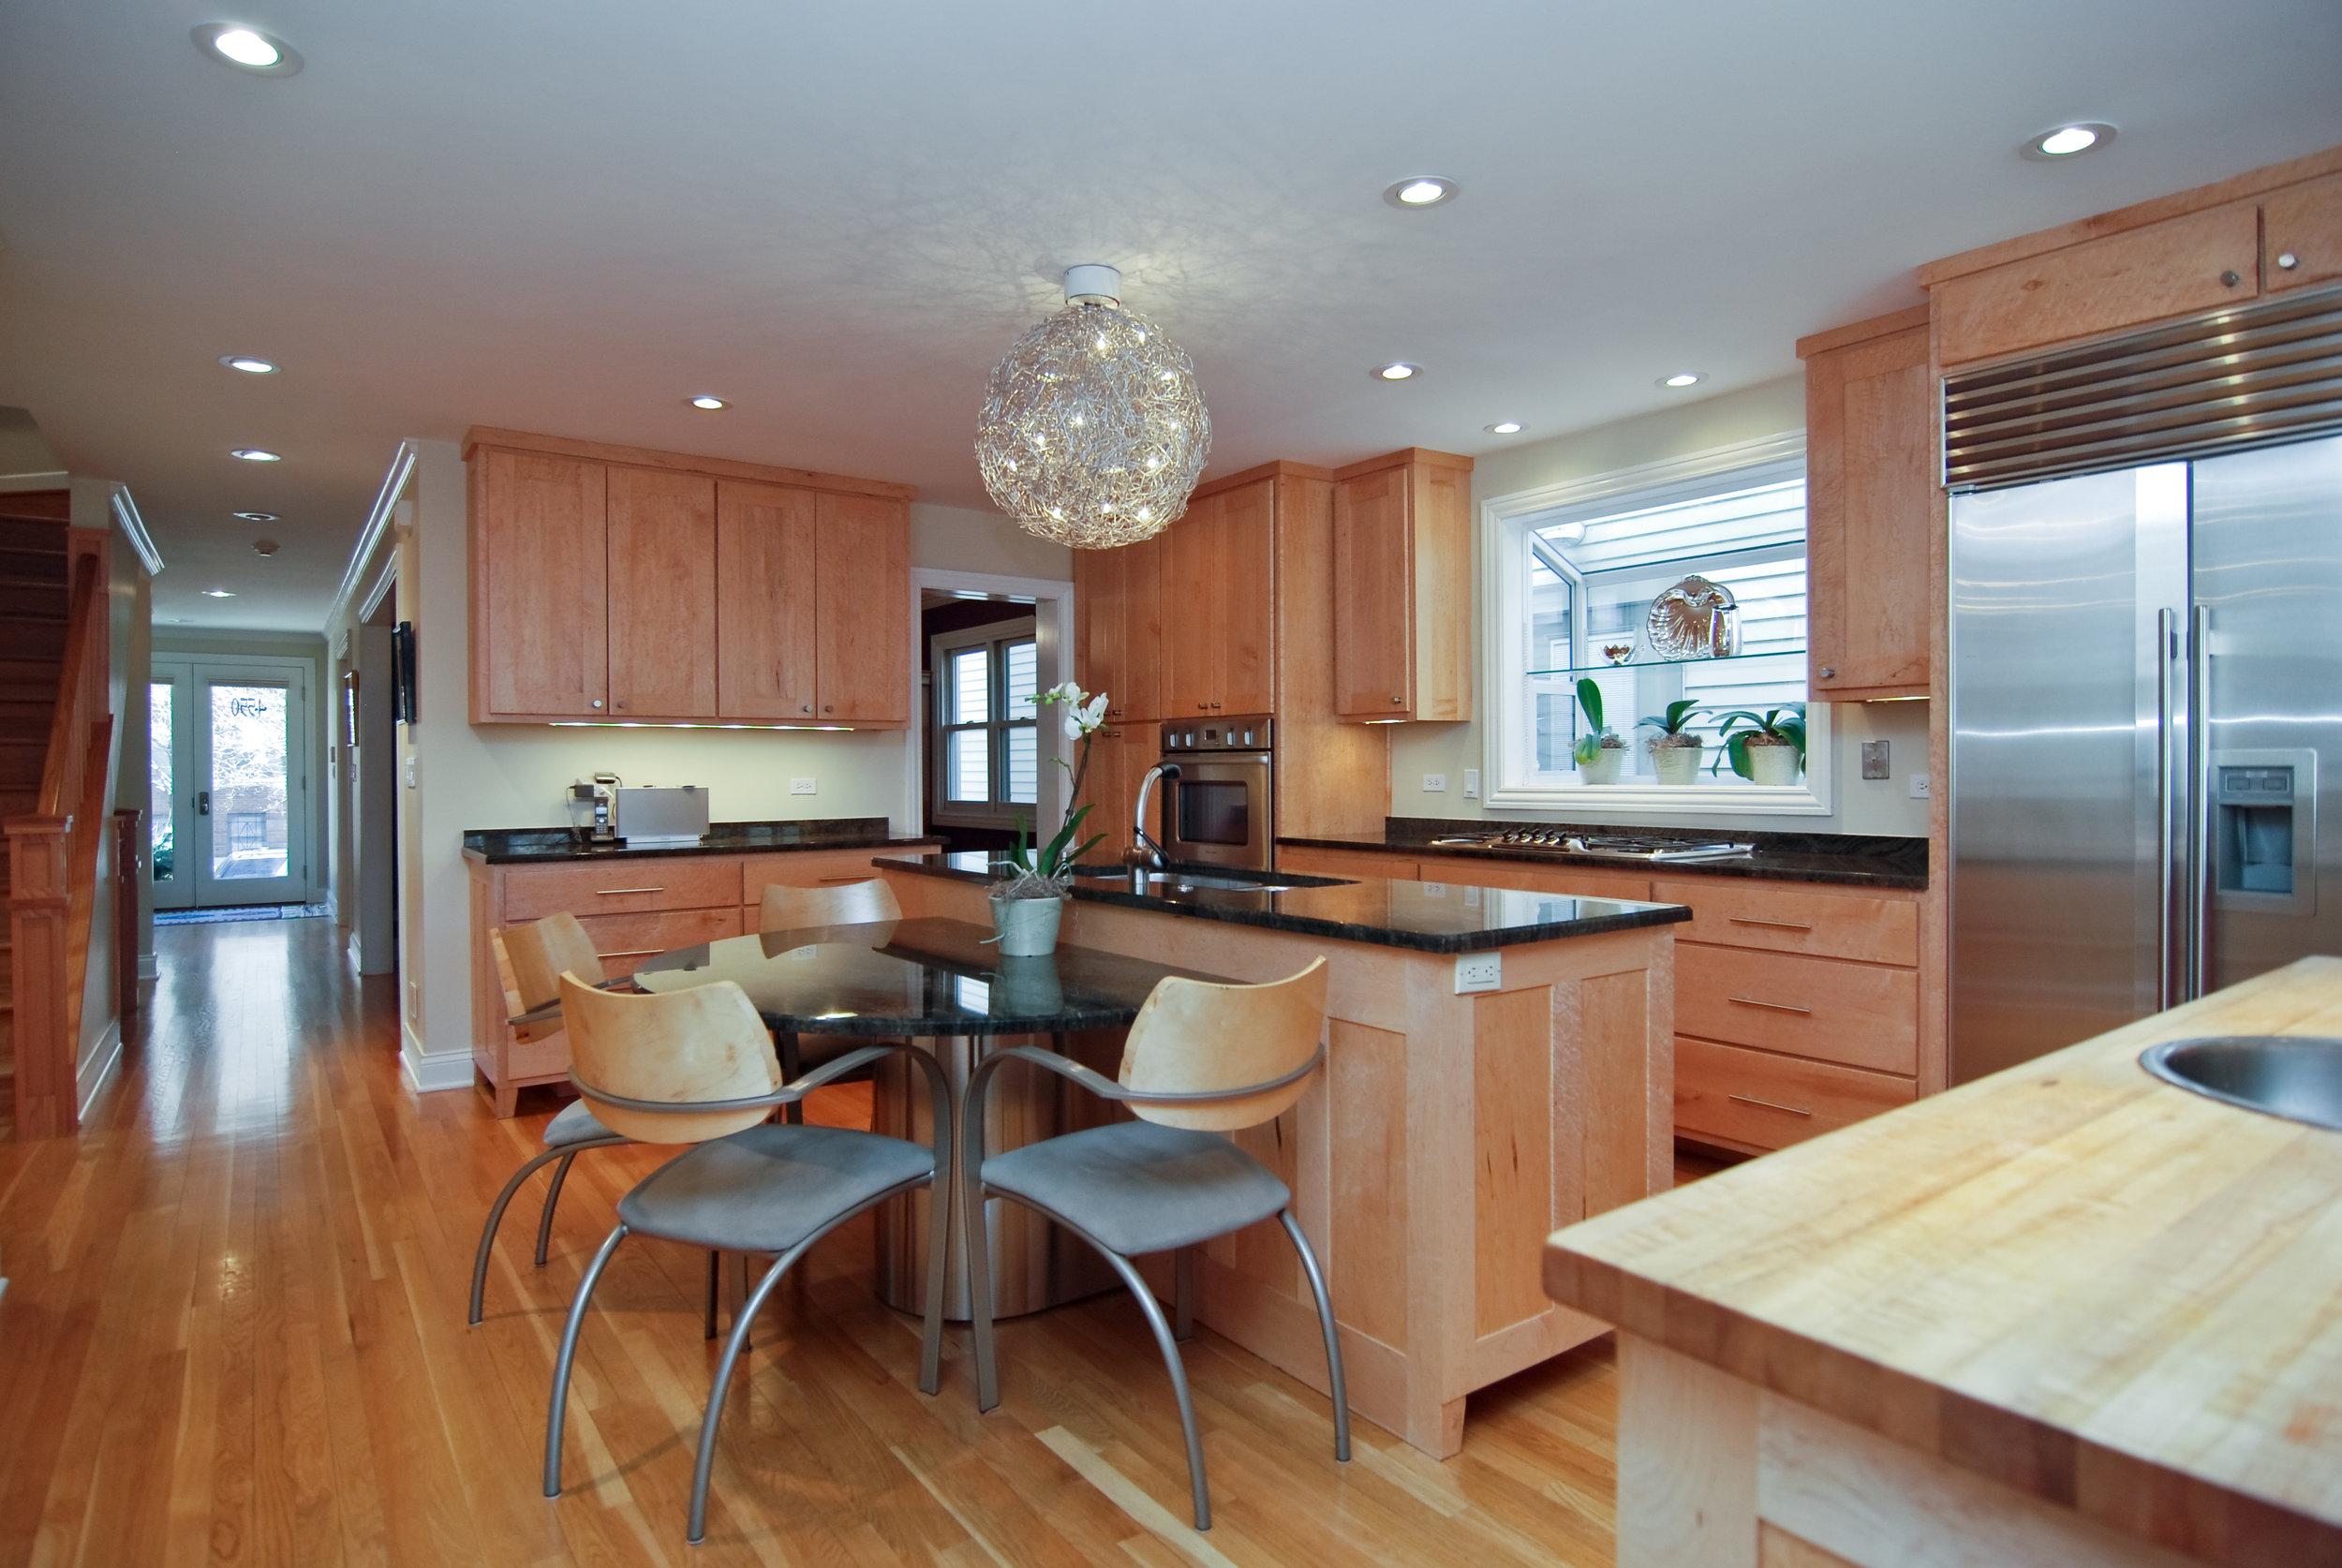 4550 N. Paulina Kitchen.jpg